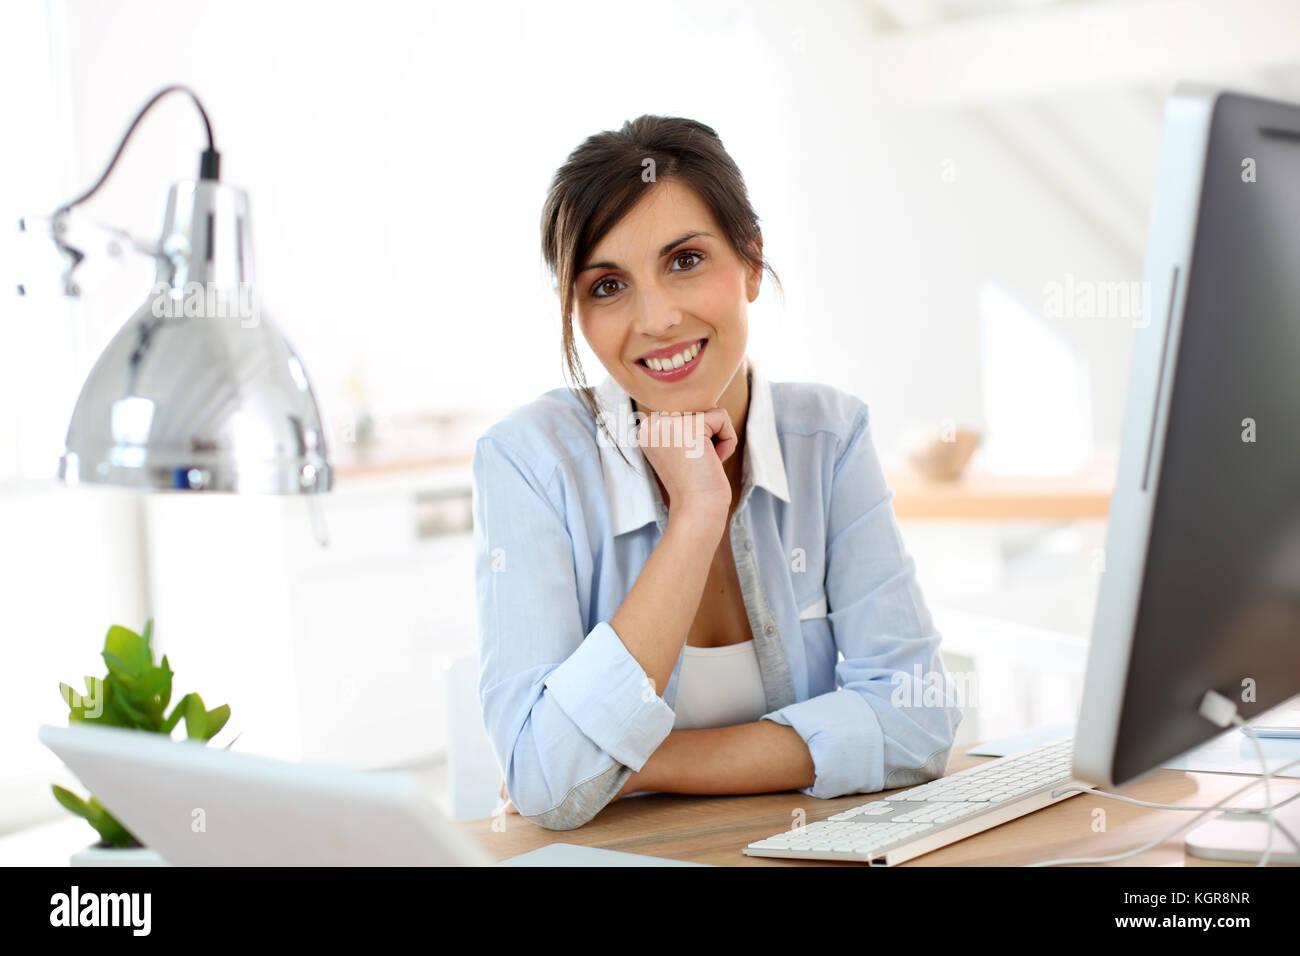 Lächelnd im Büro am Schreibtisch sitzen Stockbild